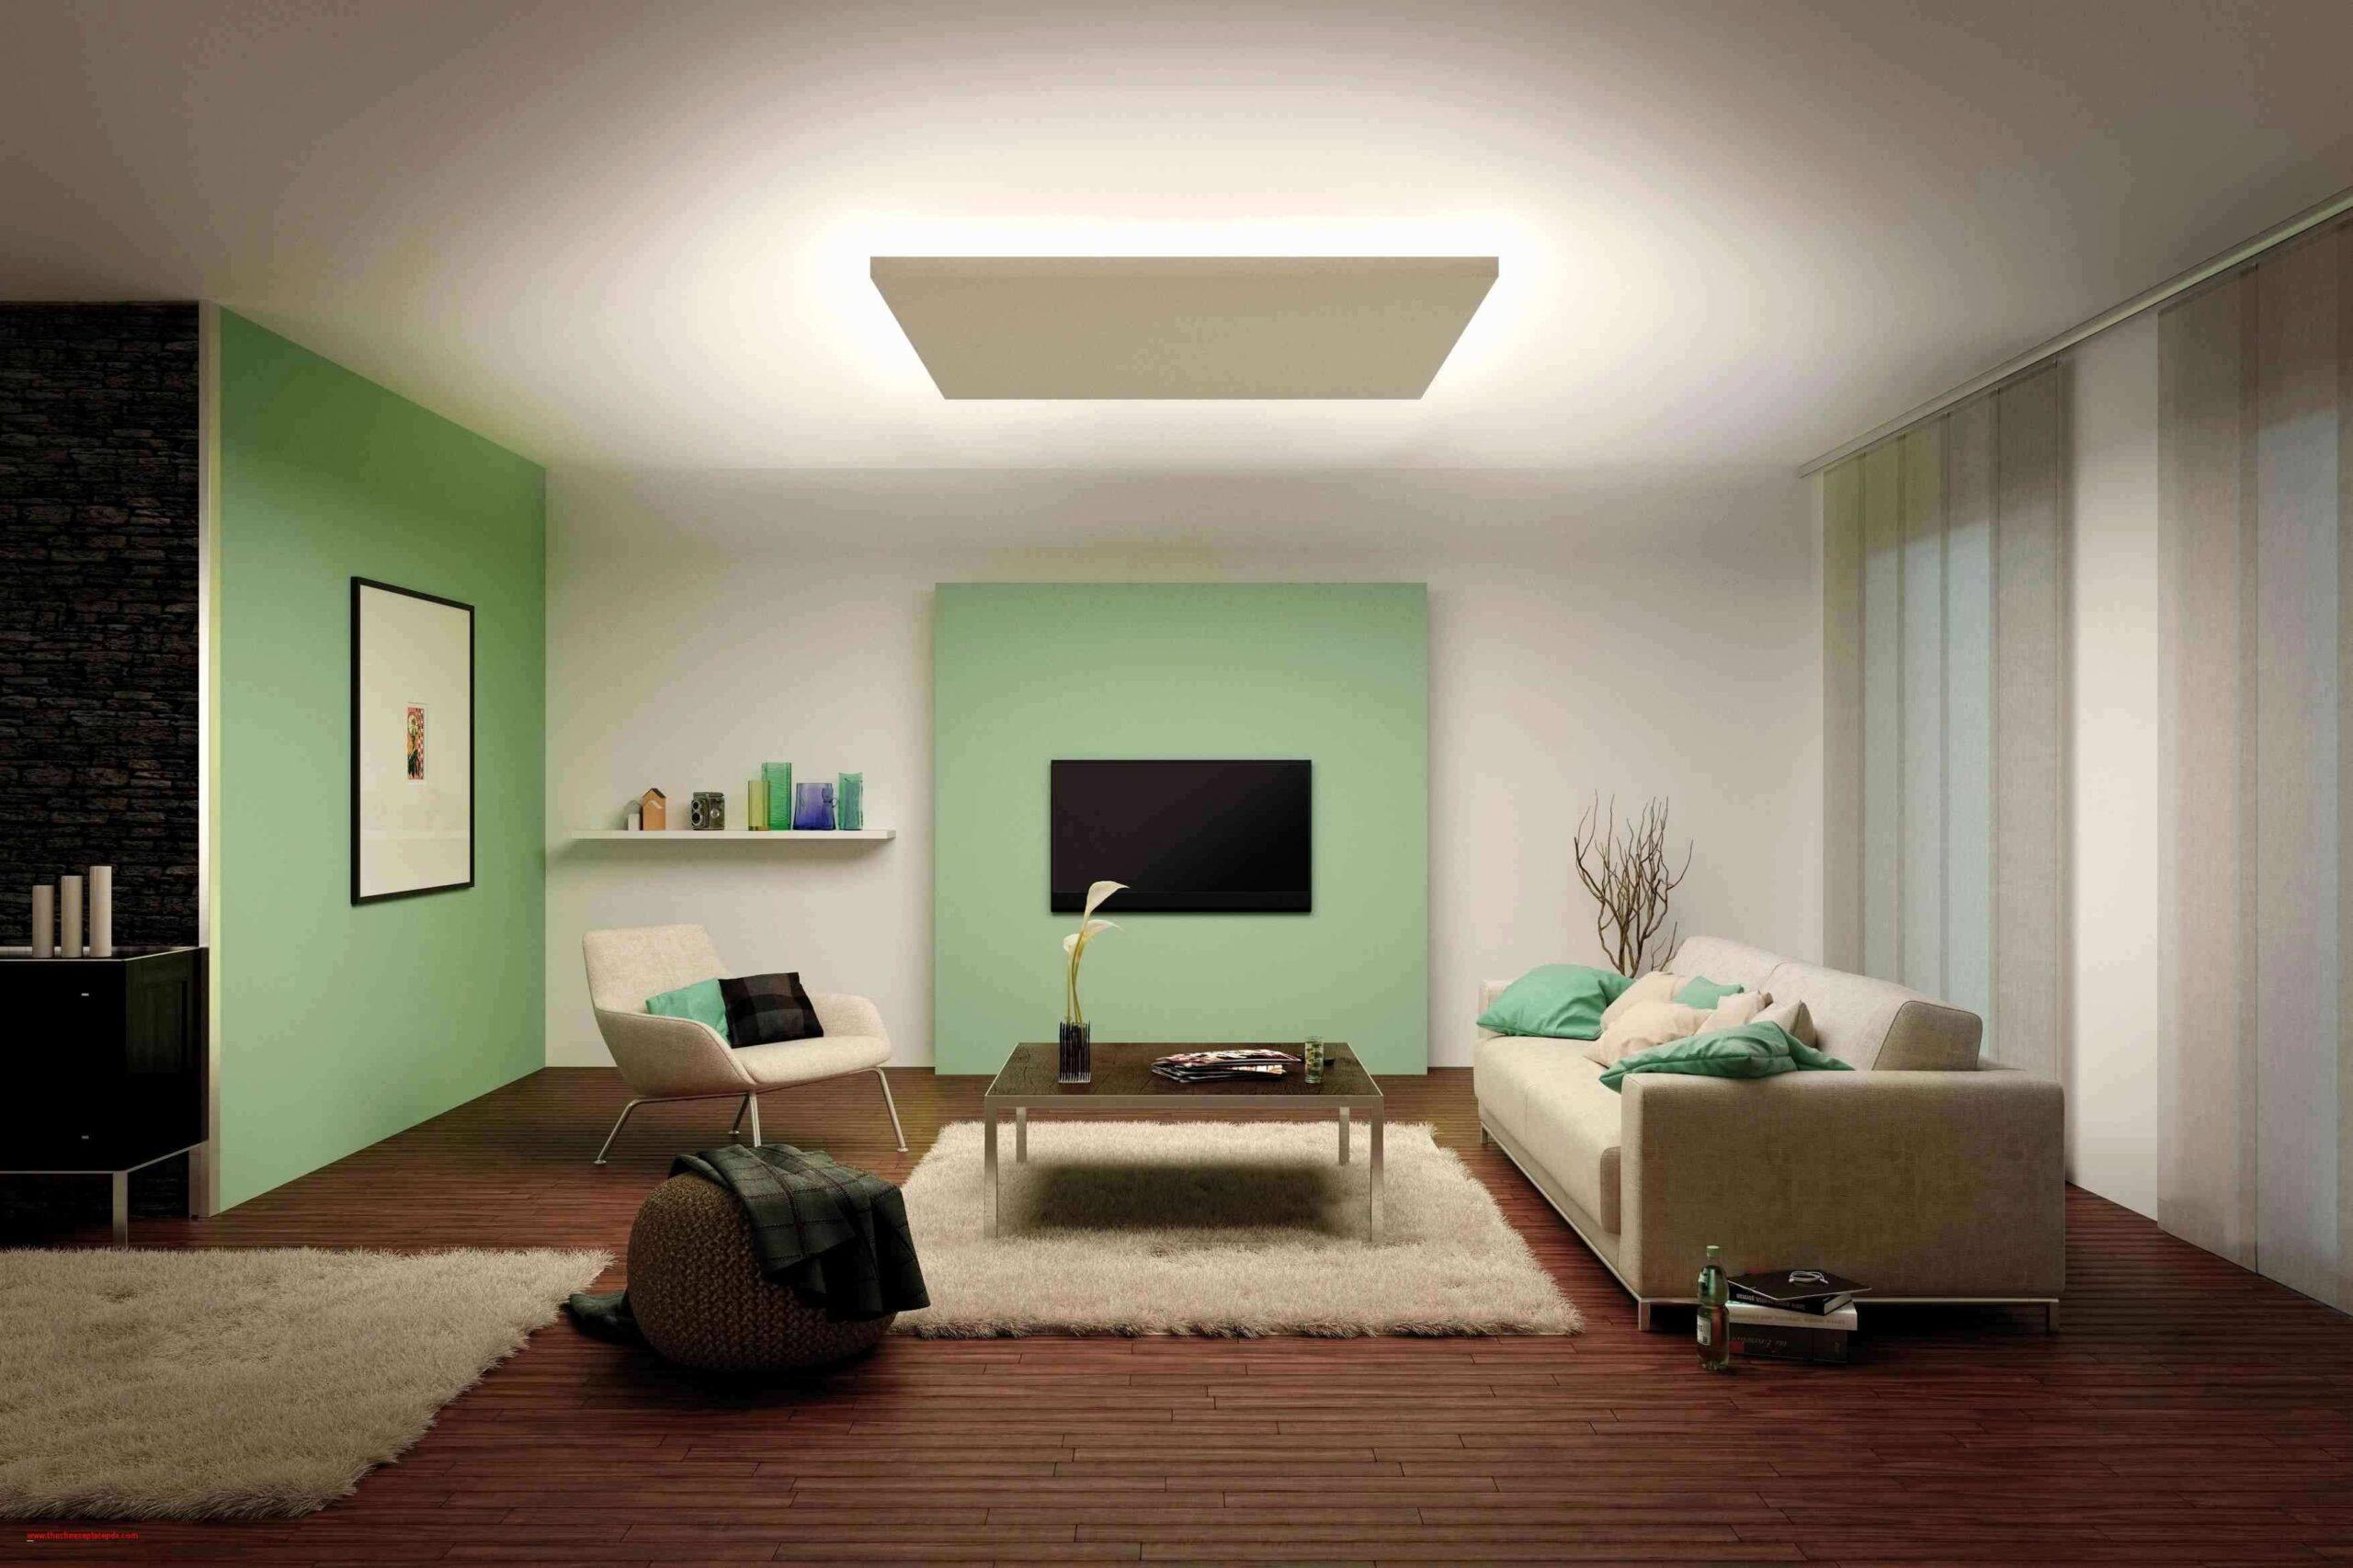 Full Size of Relaxliege Wohnzimmer Ikea Liege Caseconradcom Komplett Vitrine Weiß Stehlampen Deckenlampen Für Miniküche Küche Kaufen Wohnwand Vorhang Garten Moderne Wohnzimmer Relaxliege Wohnzimmer Ikea